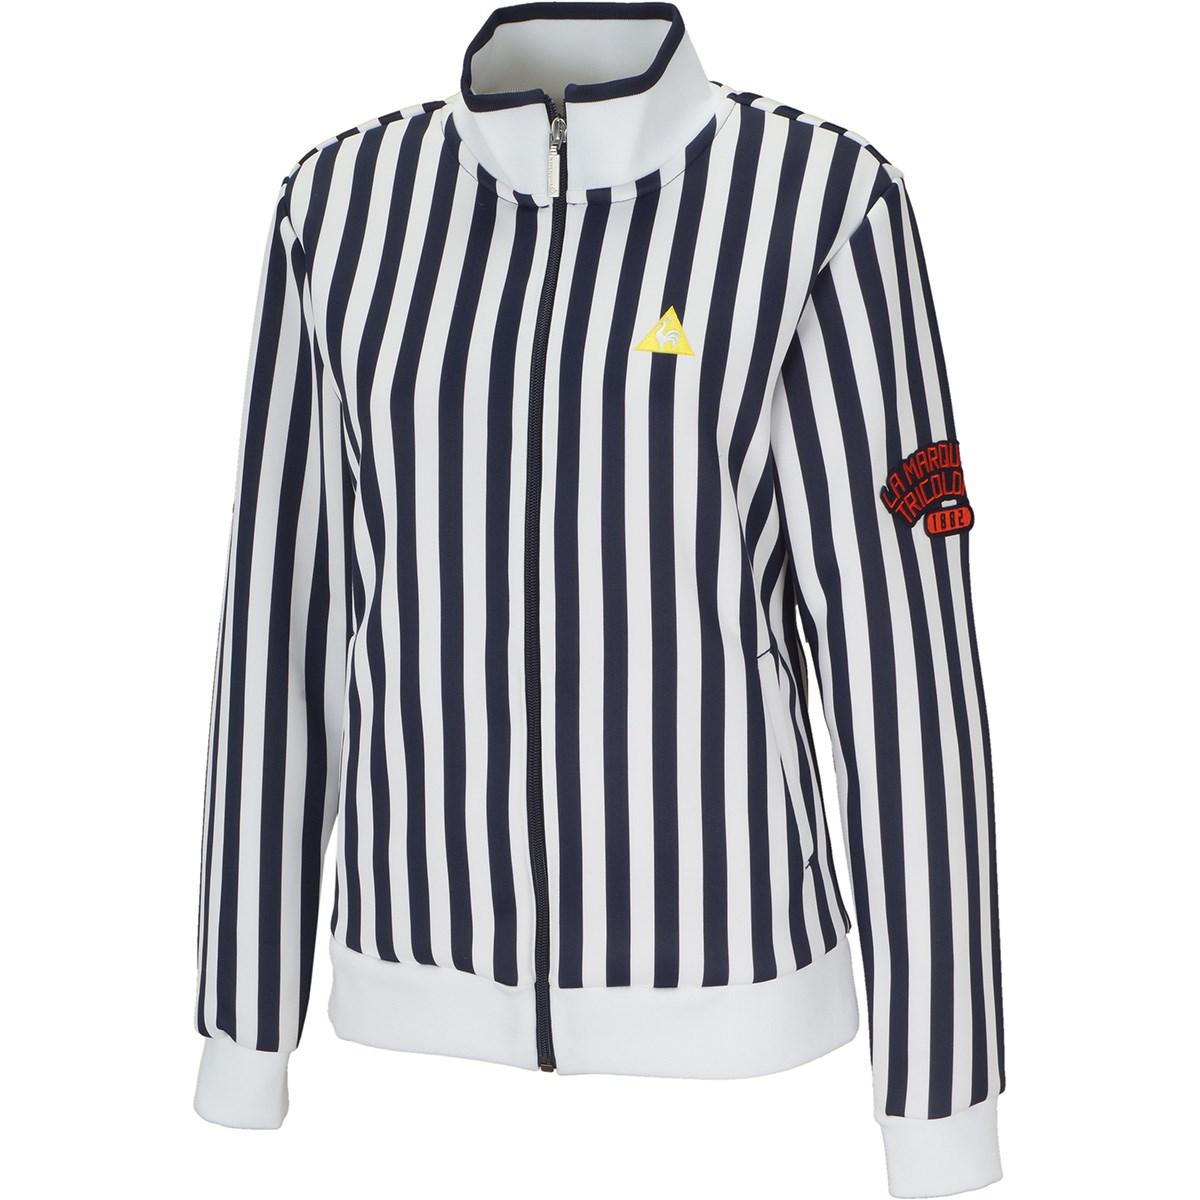 ルコックゴルフ Le coq sportif GOLF ストライプ柄 フルジップ長袖シャツ S ネイビー 00 レディス